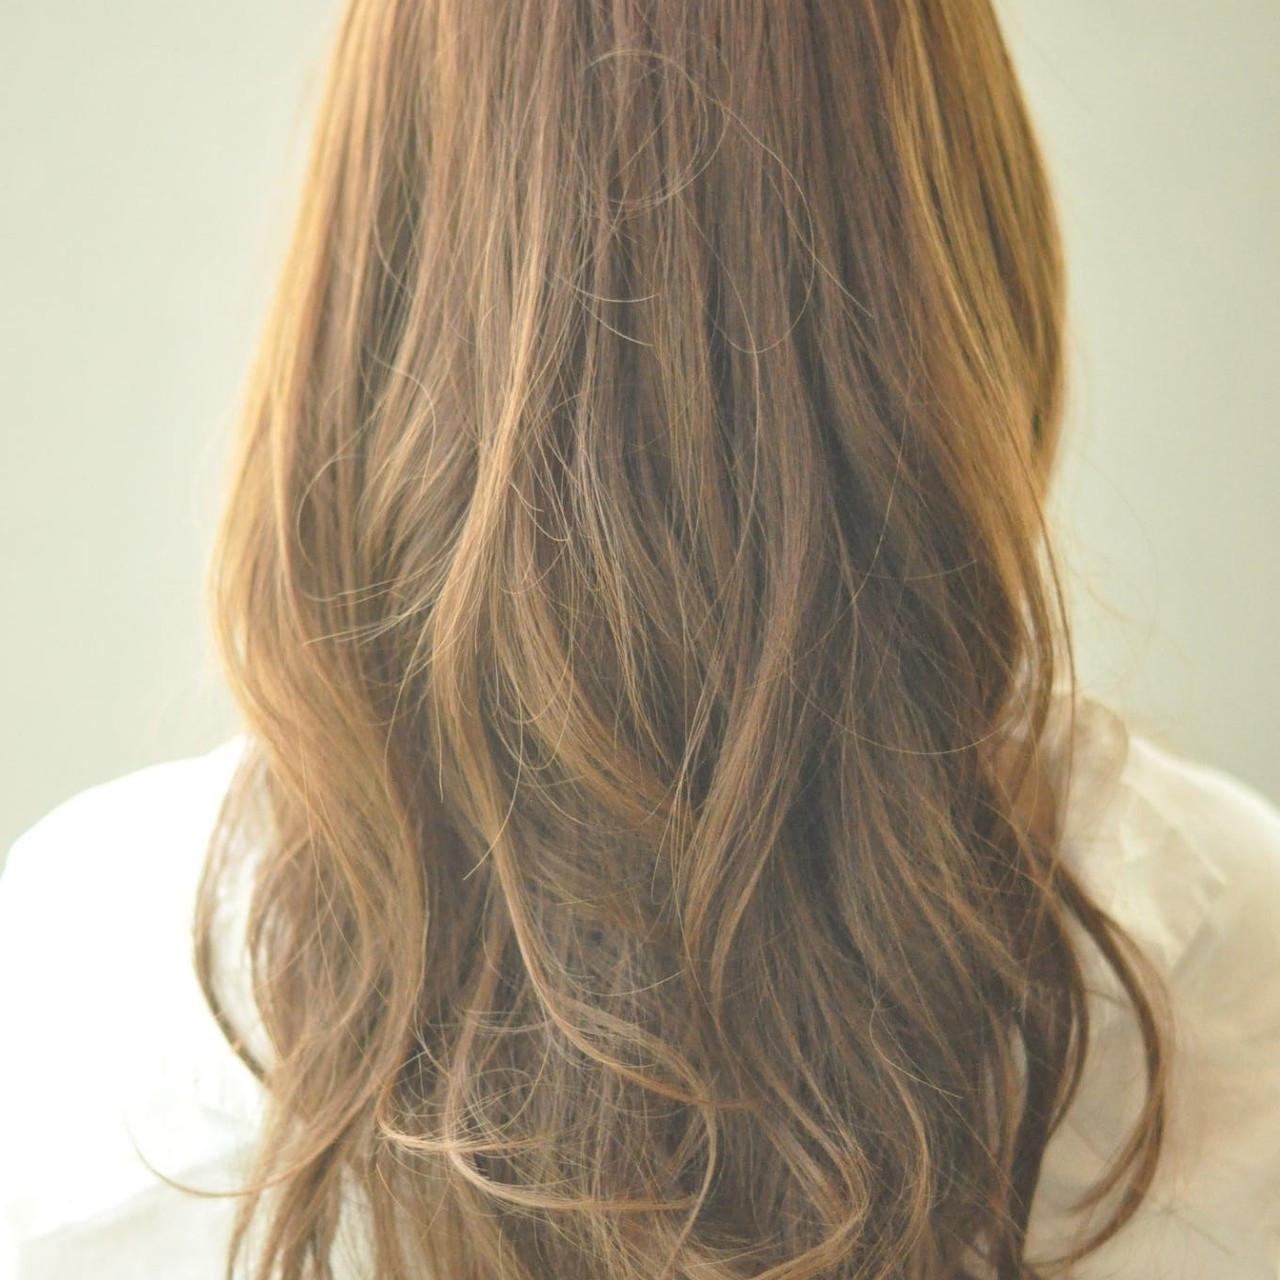 ロング ニュアンス ウェーブ イルミナカラー ヘアスタイルや髪型の写真・画像